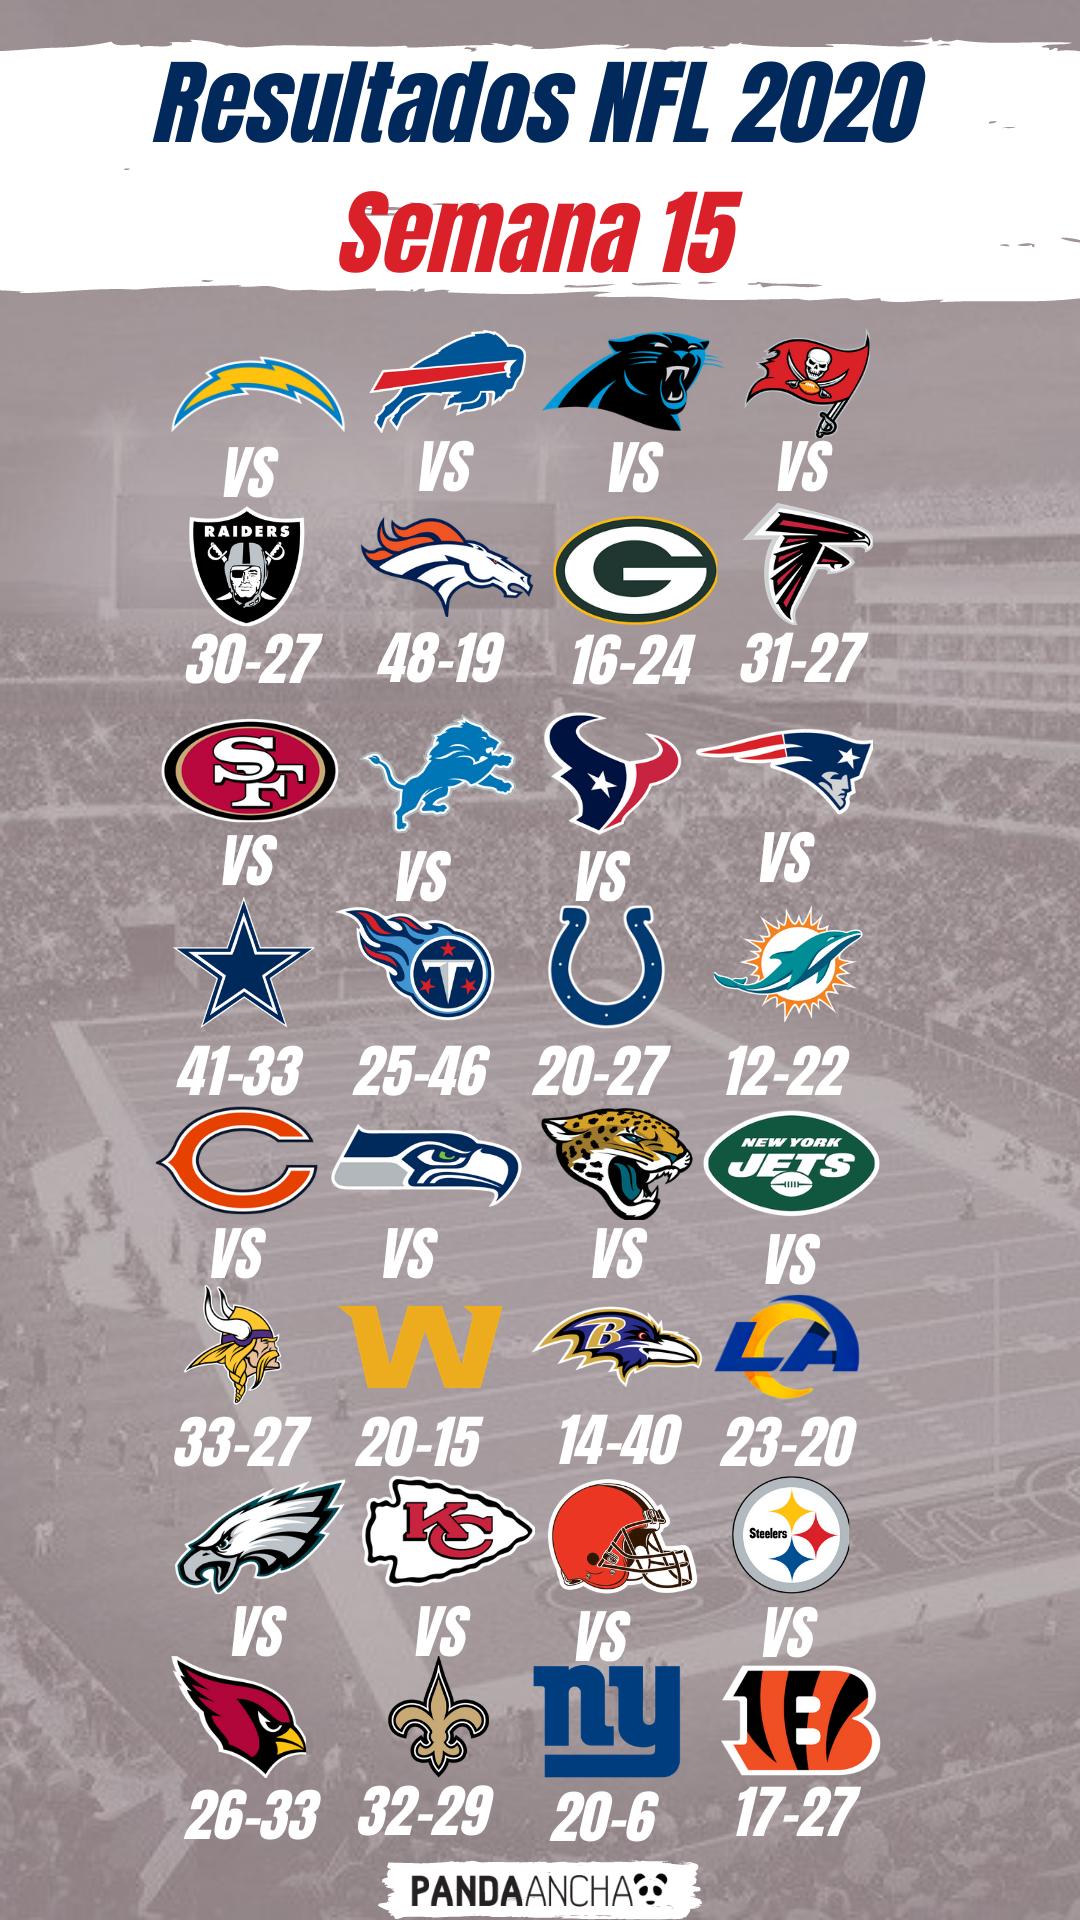 Resultados de la Semana 15 de la Temporada NFL 2020